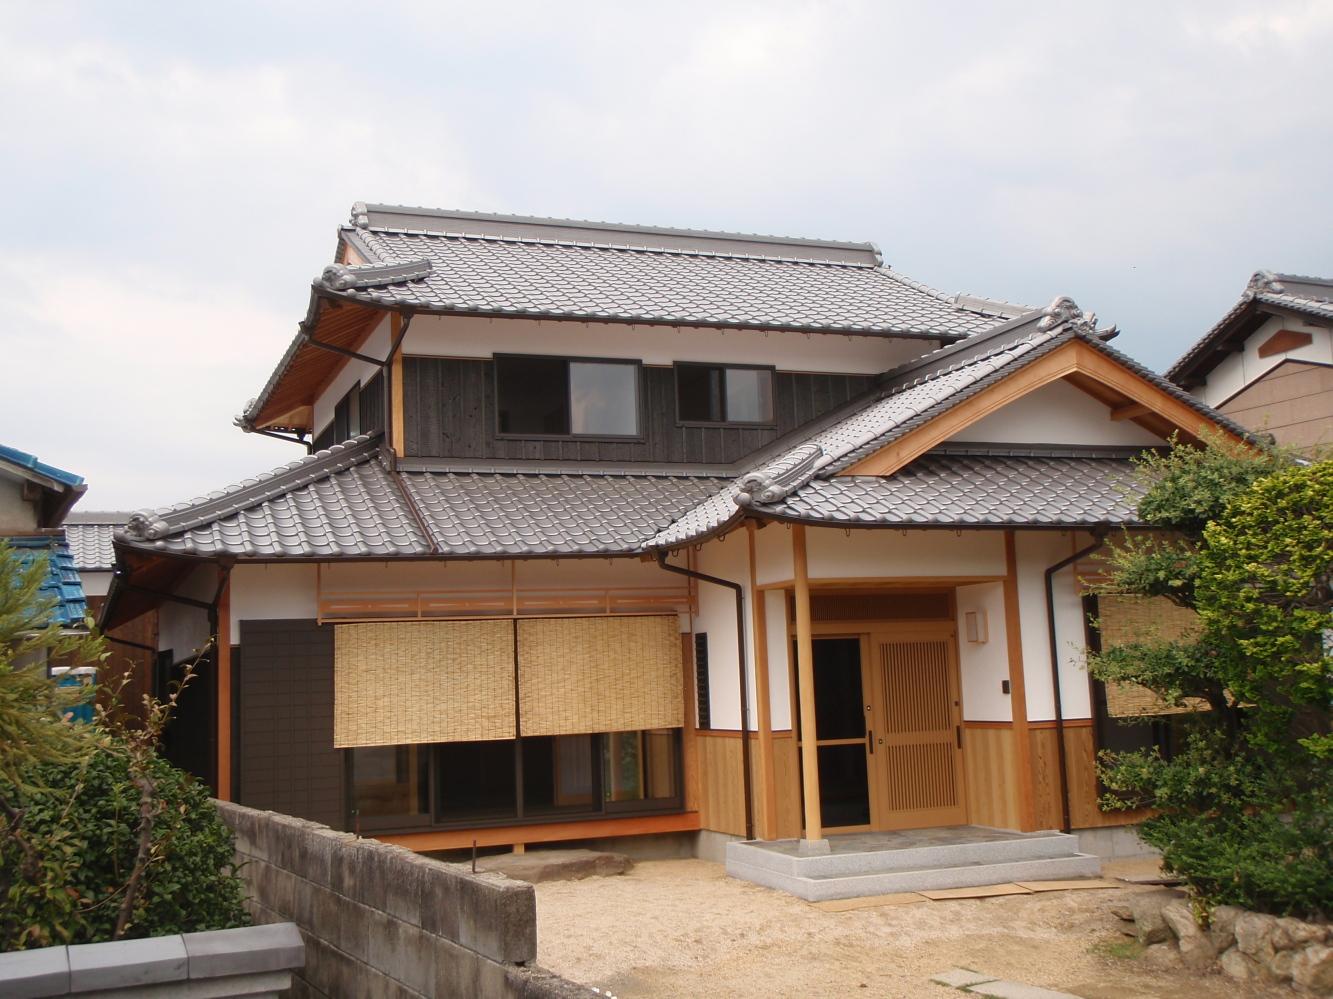 有限会社吉弘建設 『土壁+焼き板+日本瓦の家』